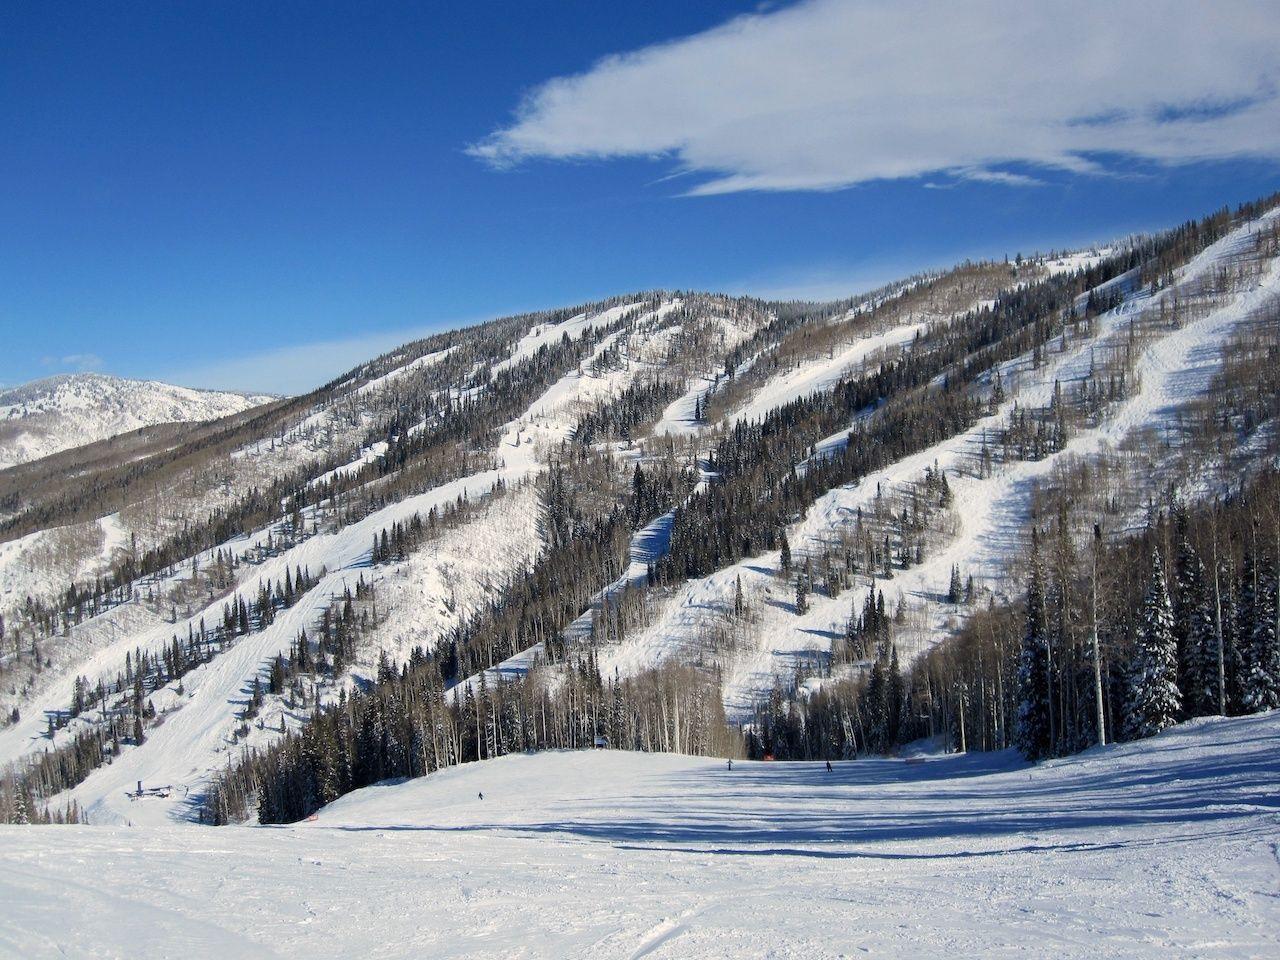 Steamboat Springs ski slope